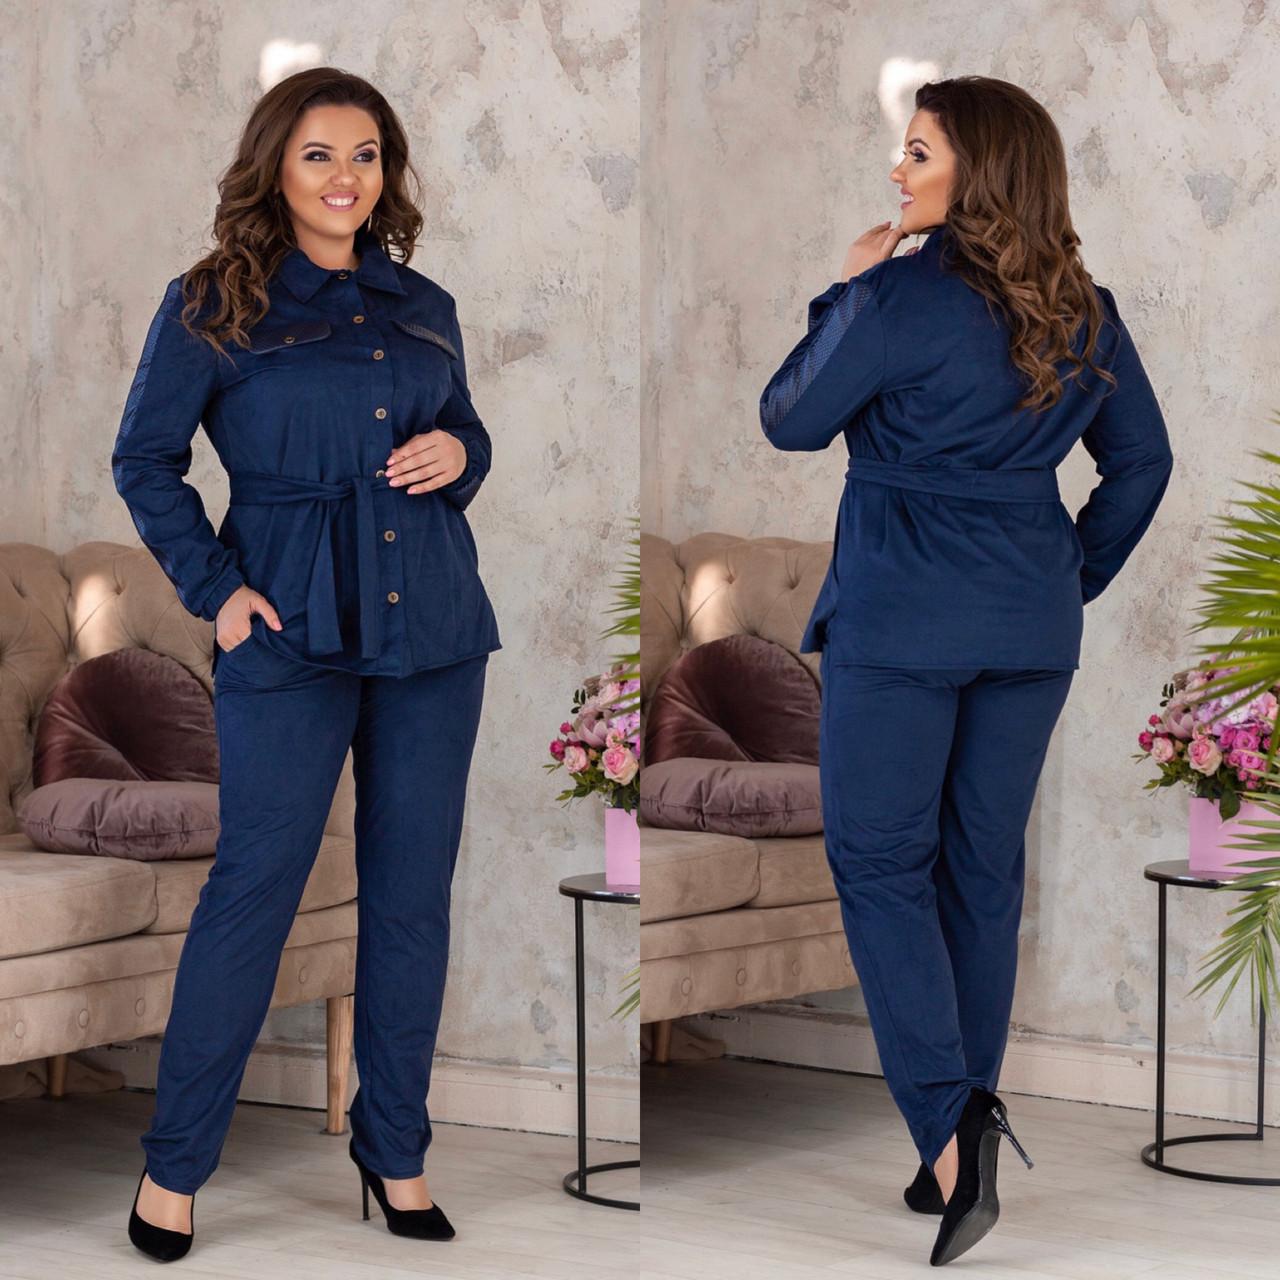 c176517535263cc Замшевый брючный костюм с поясом. Синий, 3 цвета. Р-ры: 52-54 и 56 ...